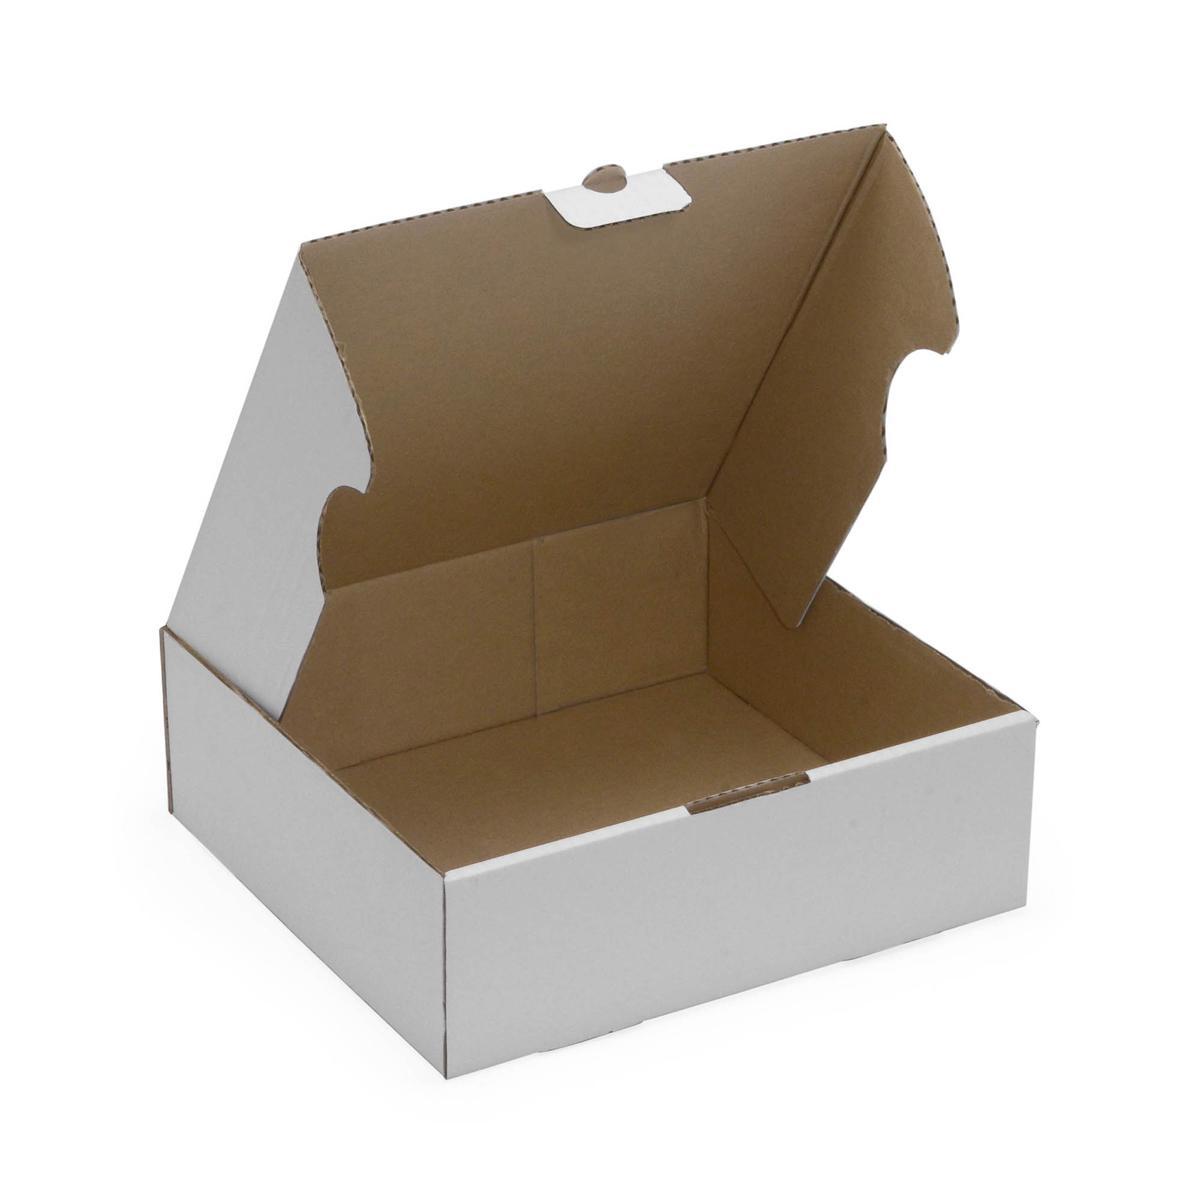 Caixa Para Bolo 29,5x27,5x9,5cm - Pacote com 25 unidades